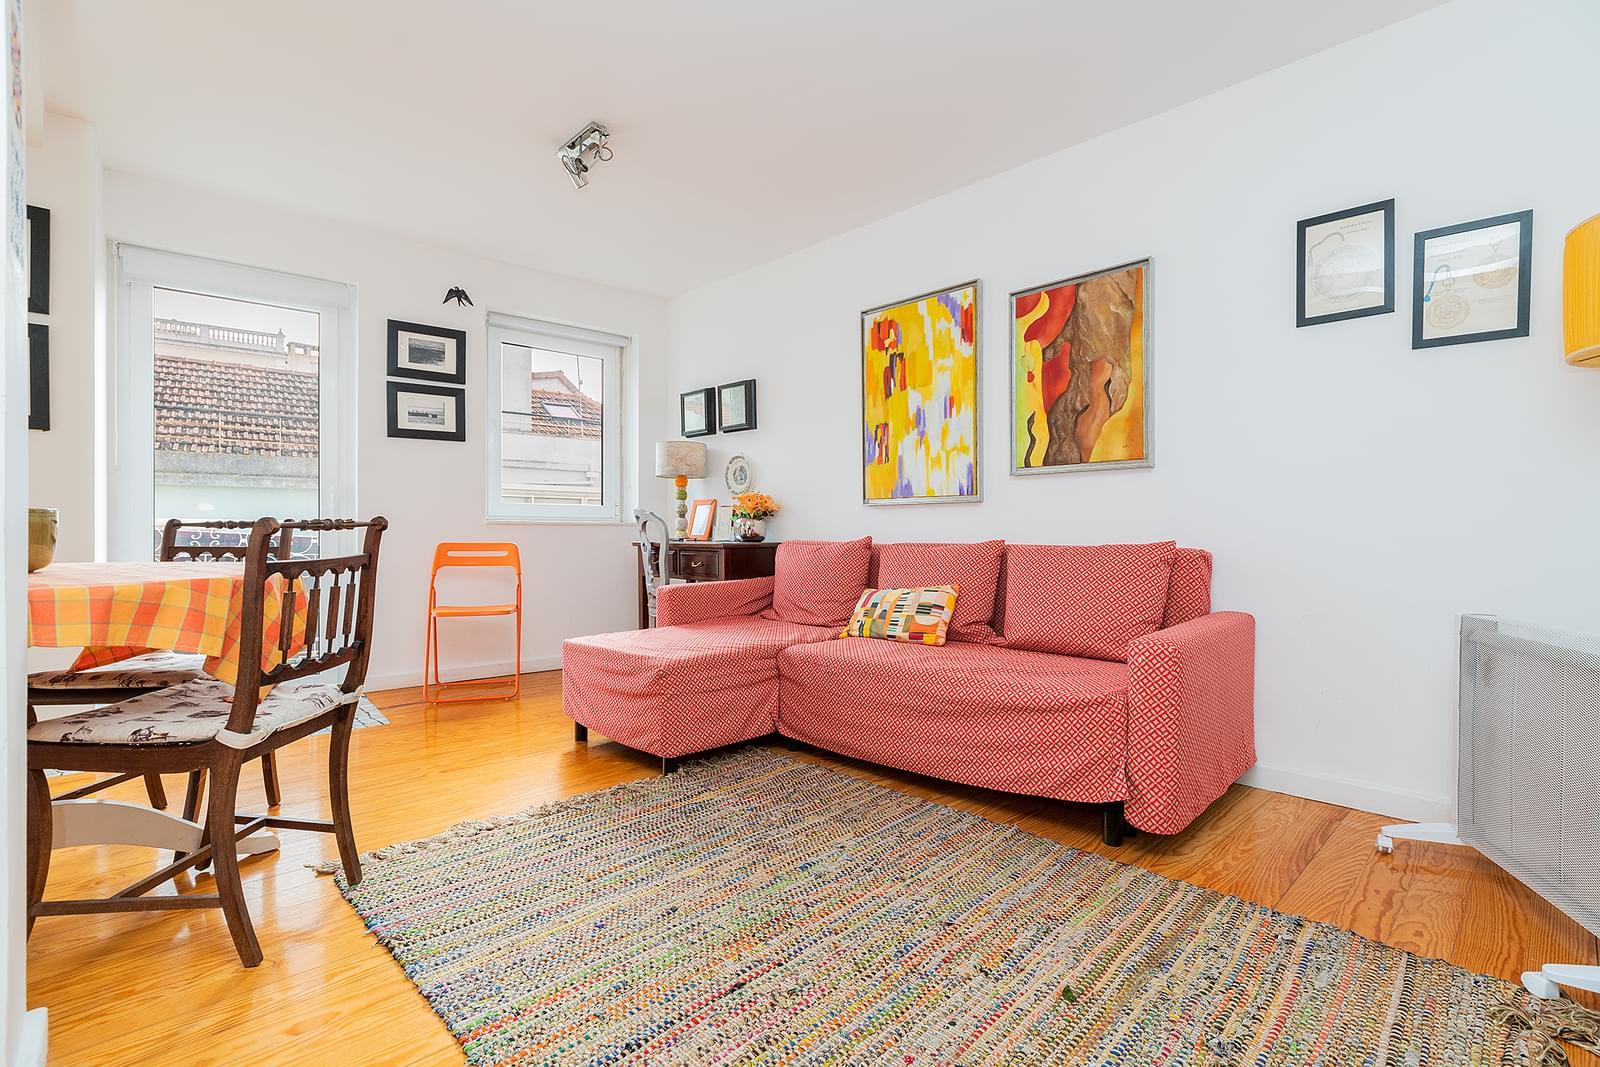 pf18727-apartamento-t1-lisboa-105607fc-d245-4ce8-8ea9-cc664c1a734d